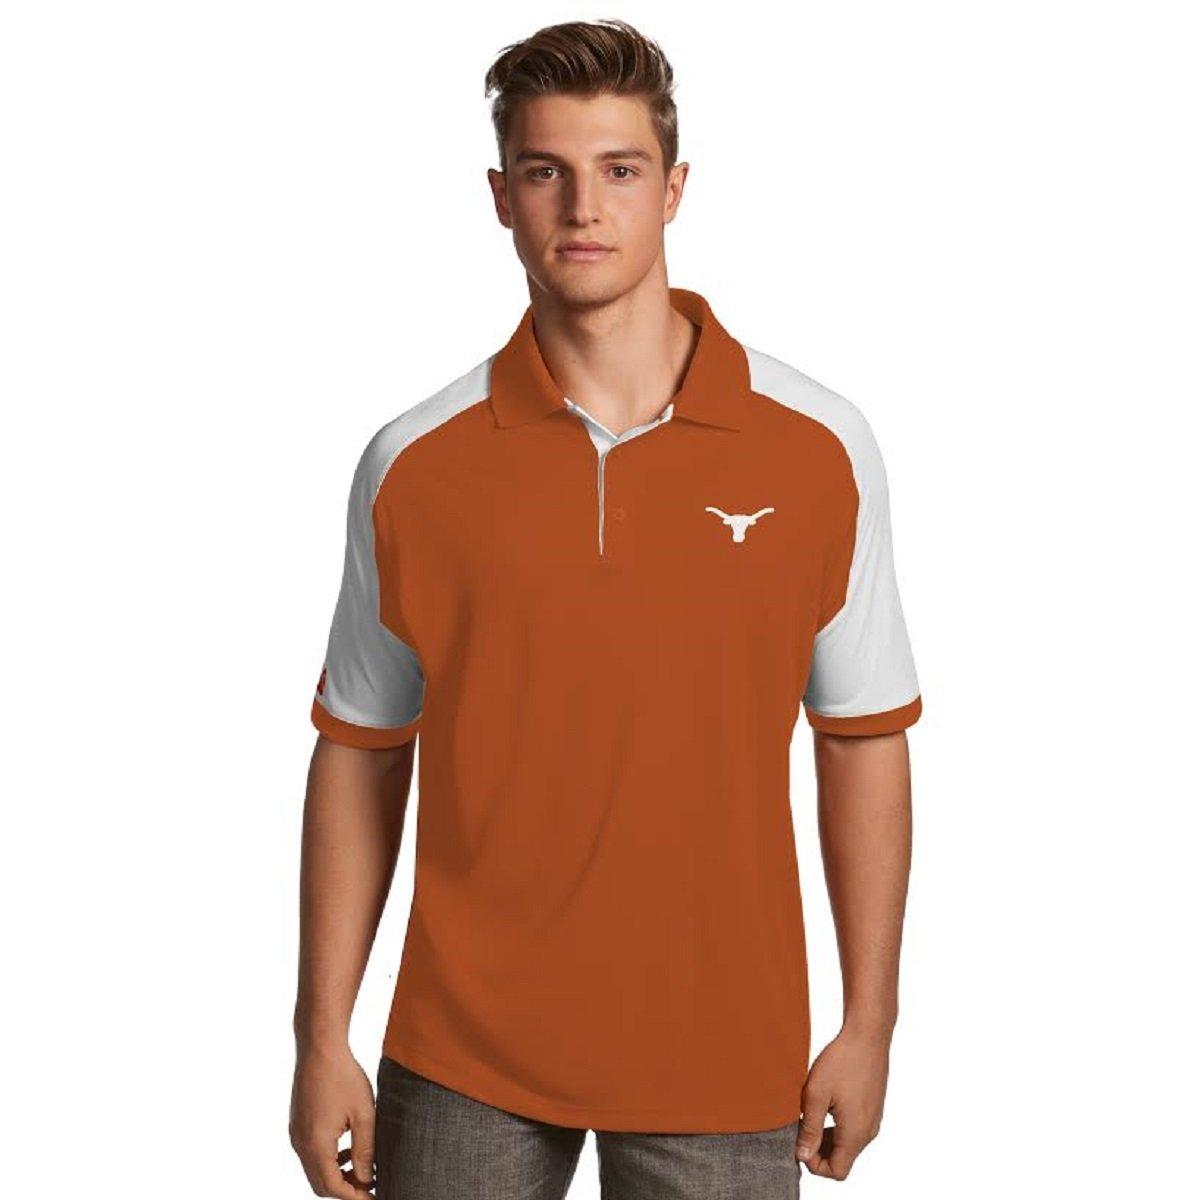 海外最新 Texas Longhorns ) Burntオレンジ世紀ポロシャツ( 2 x Longhorns ) Texas B01K817MB0, フエフキシ:bdc202a1 --- a0267596.xsph.ru